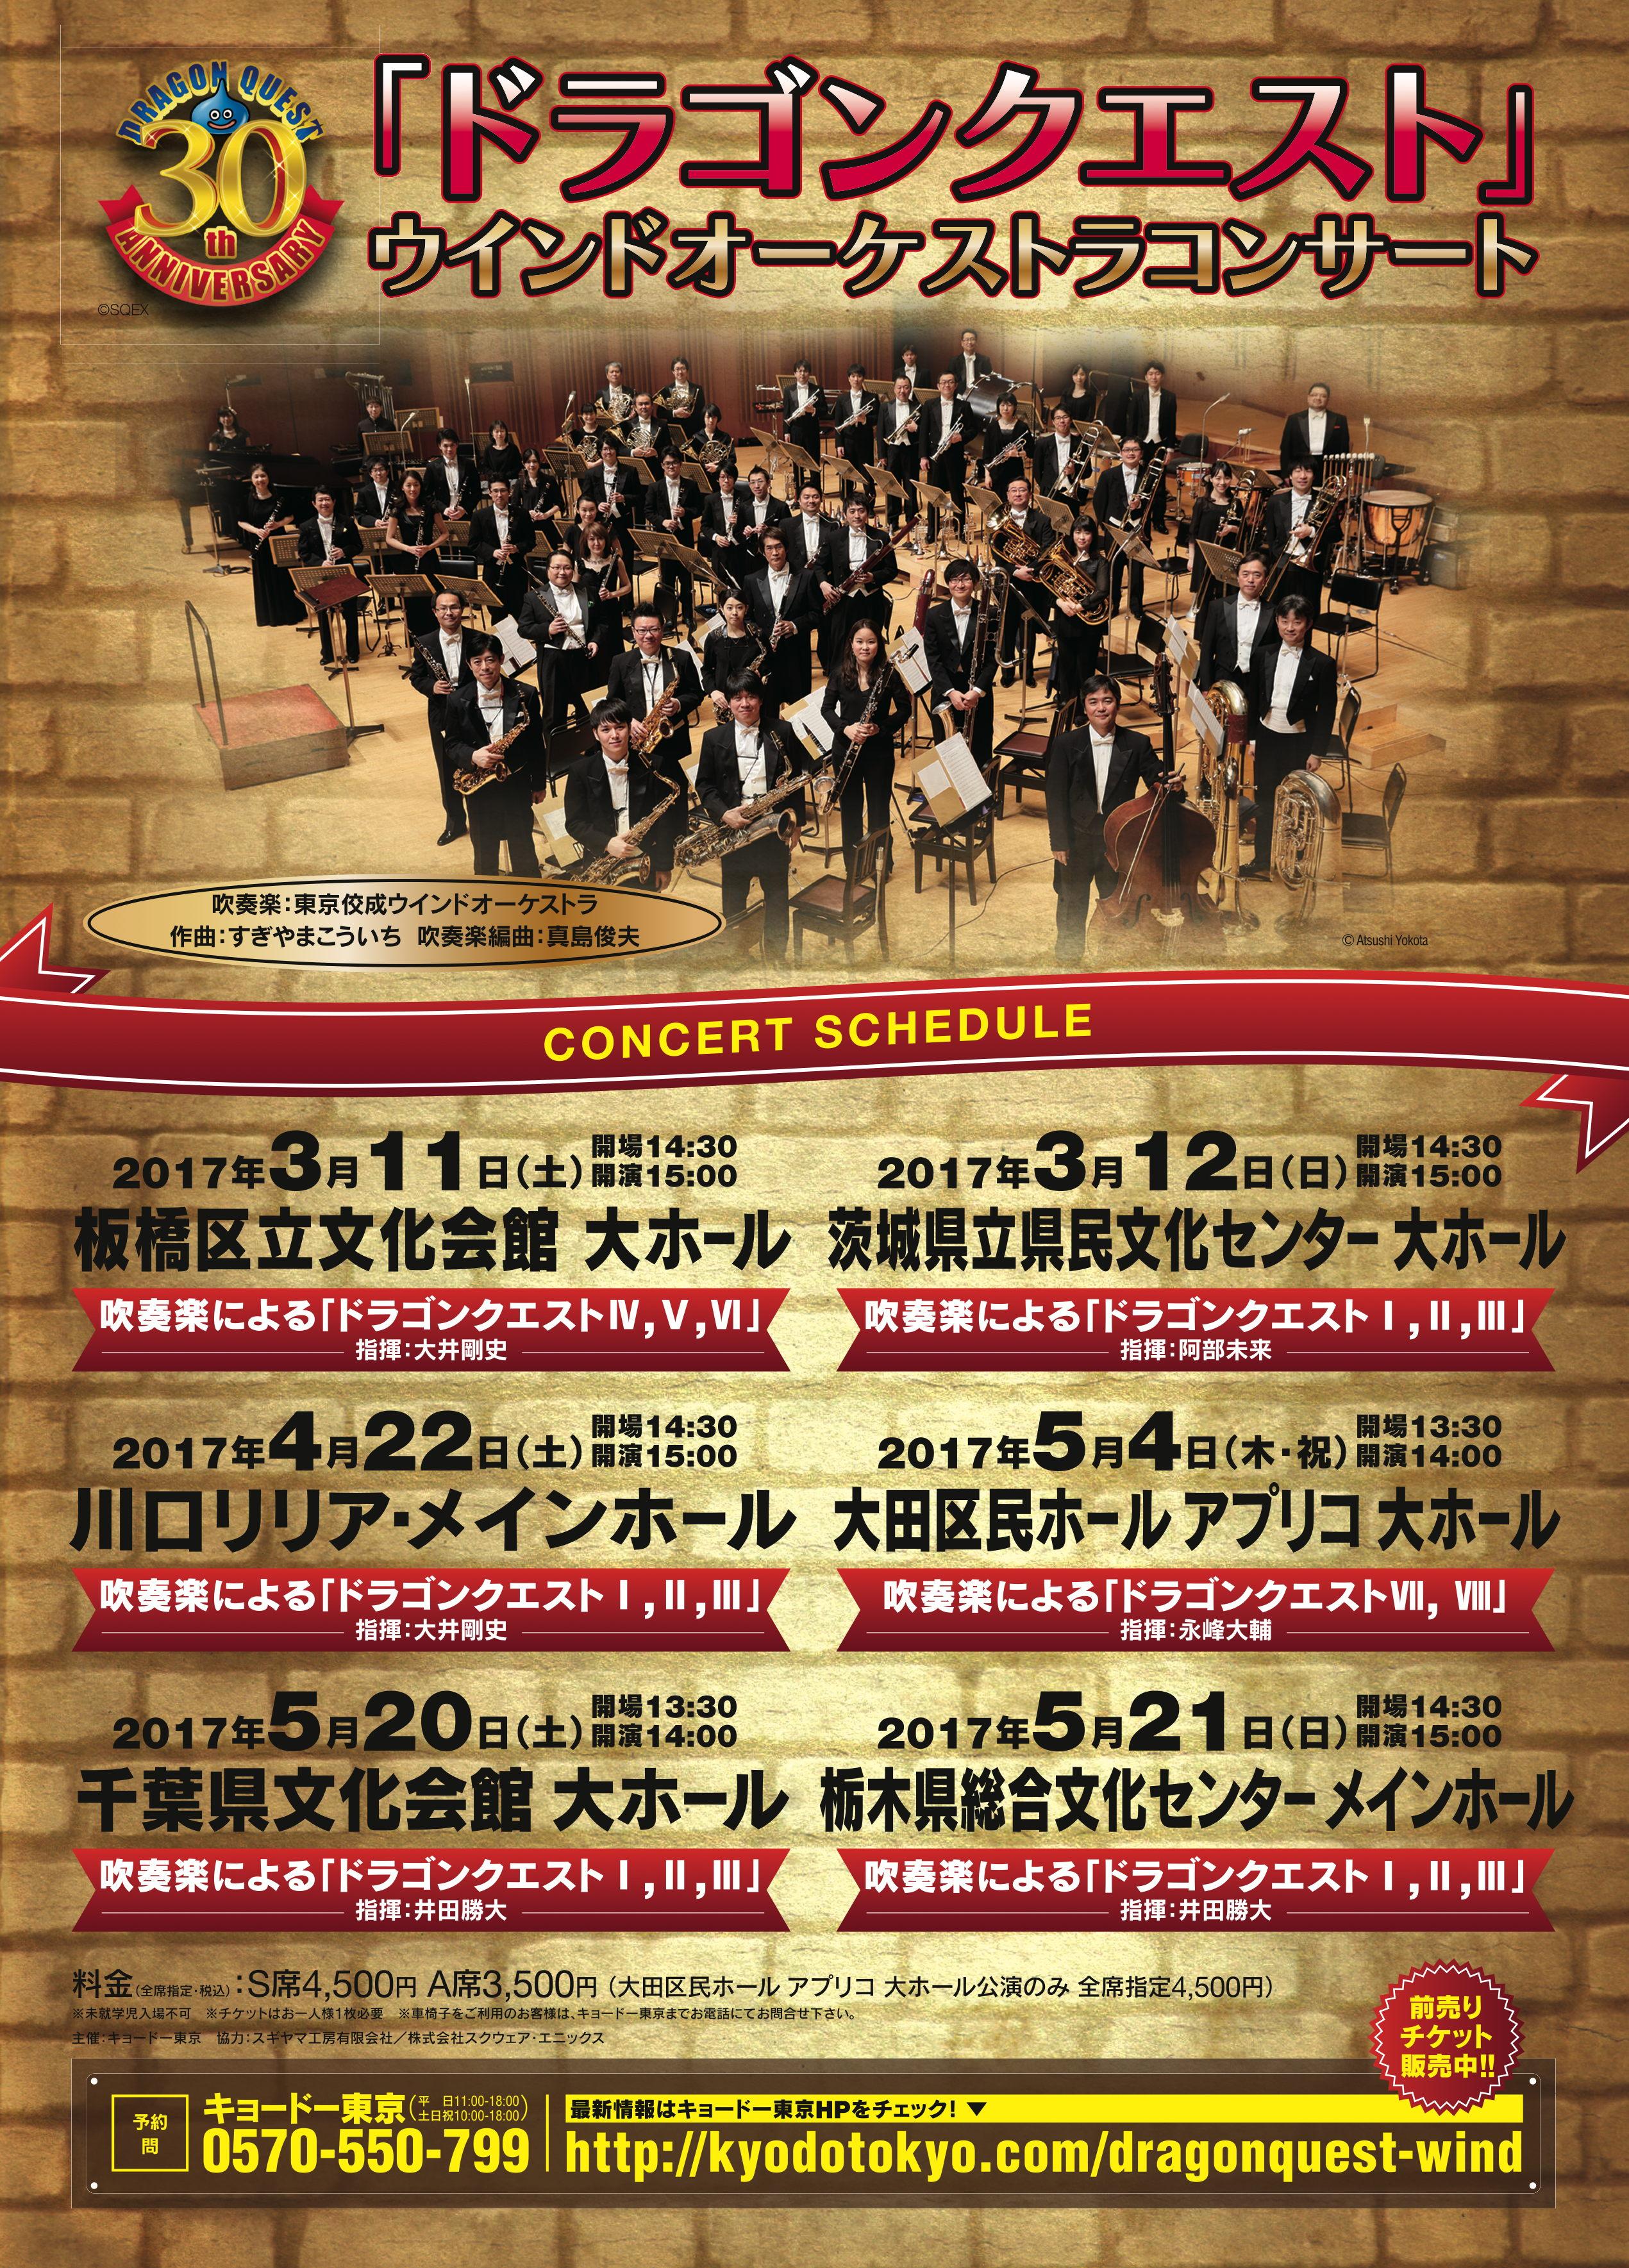 「ドラゴンクエスト」ウインドオーケストラコンサート 大田区公演